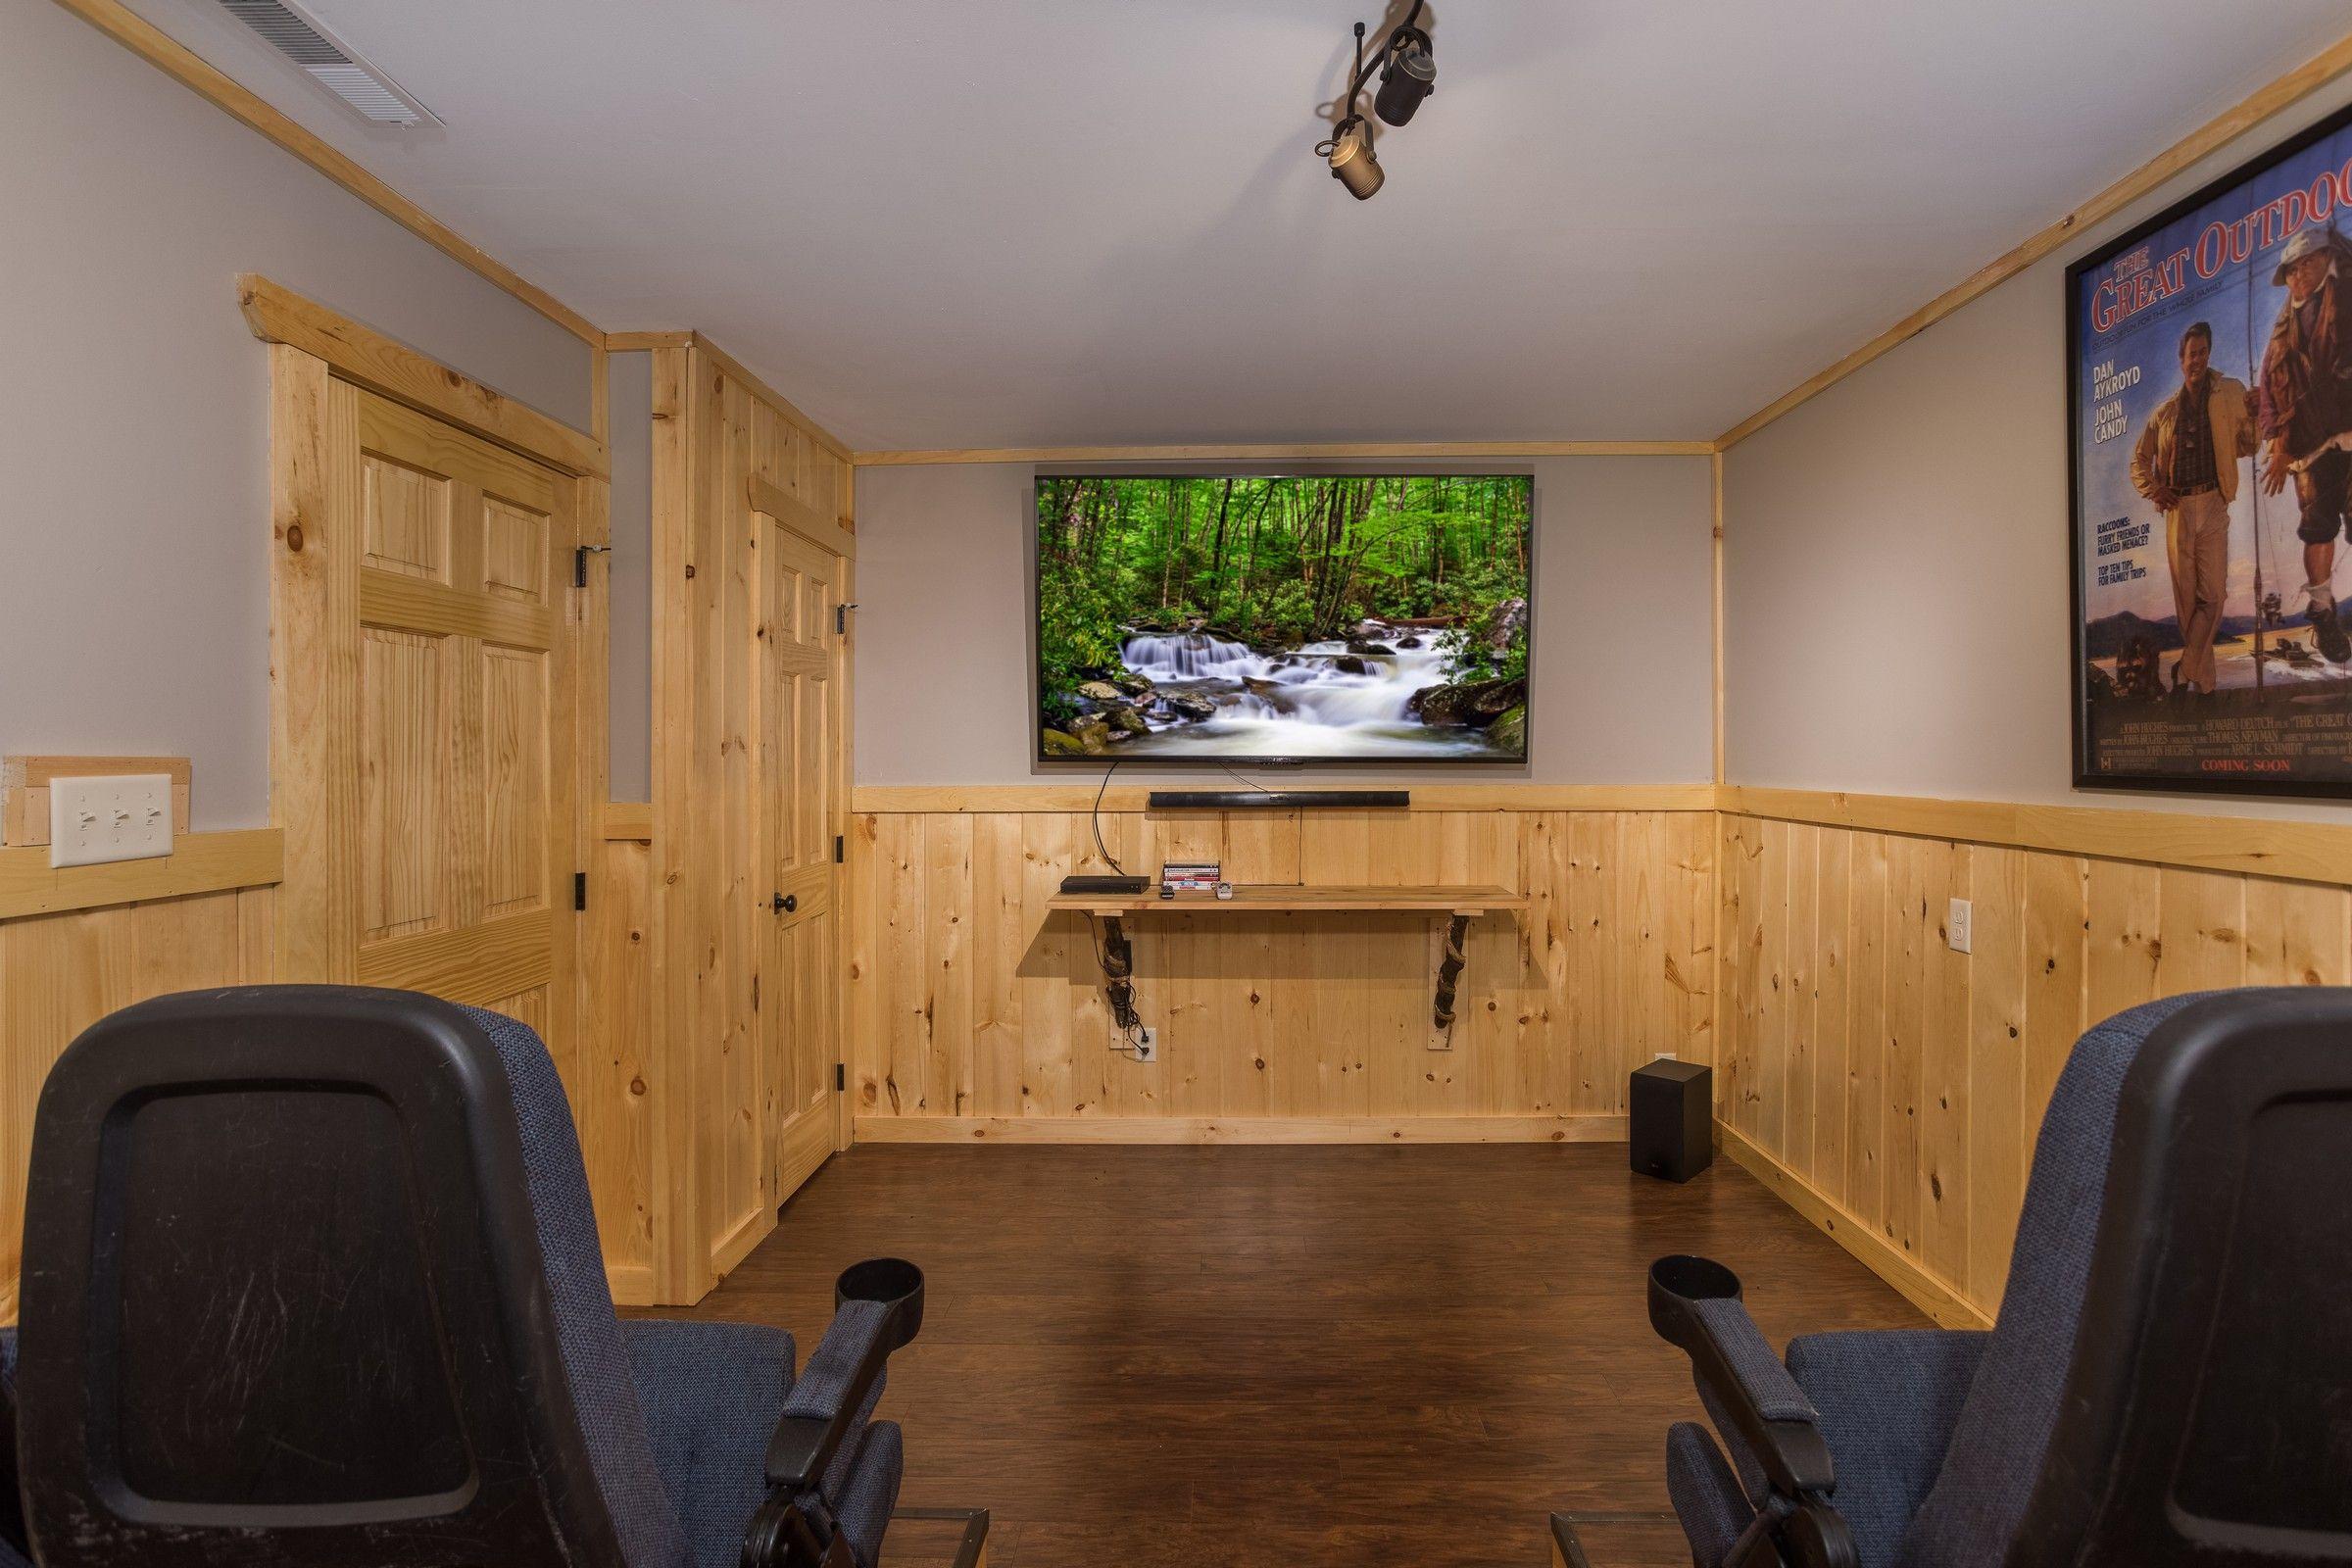 Grill Chill Deluxe 2 Bedroom Gatlinburg Cabin Rental Gatlinburg Cabin Rentals Pigeon Forge Cabin Rentals Cabin Rentals